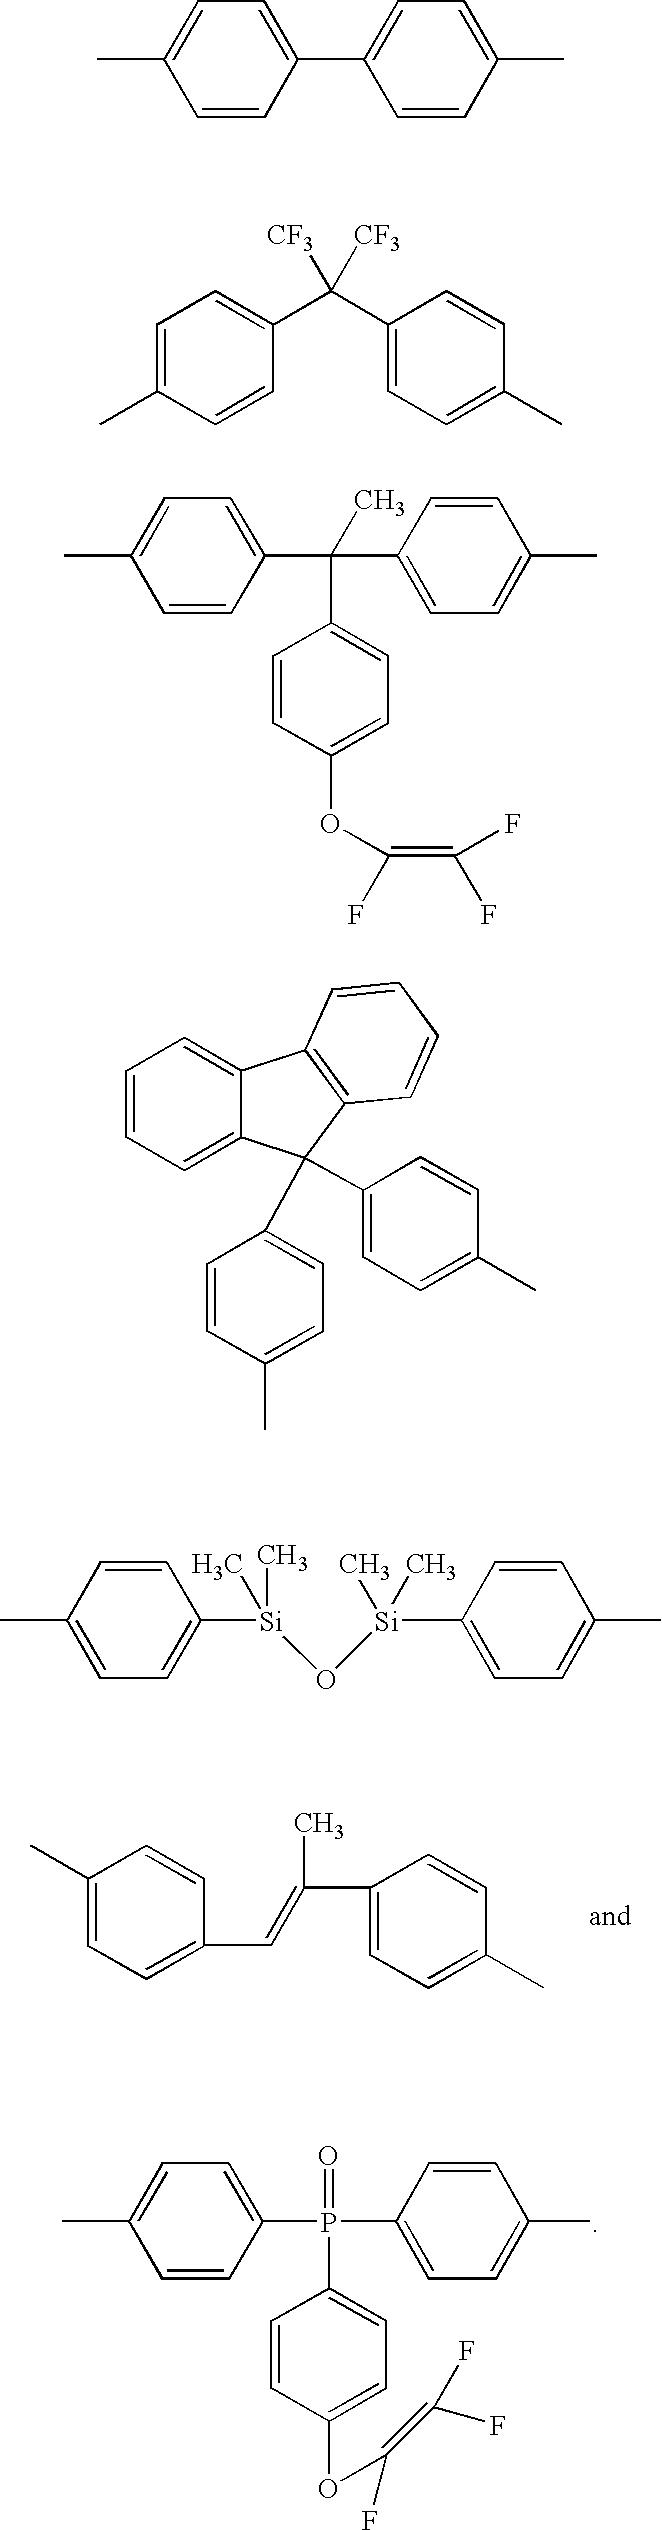 Figure US06649715-20031118-C00004